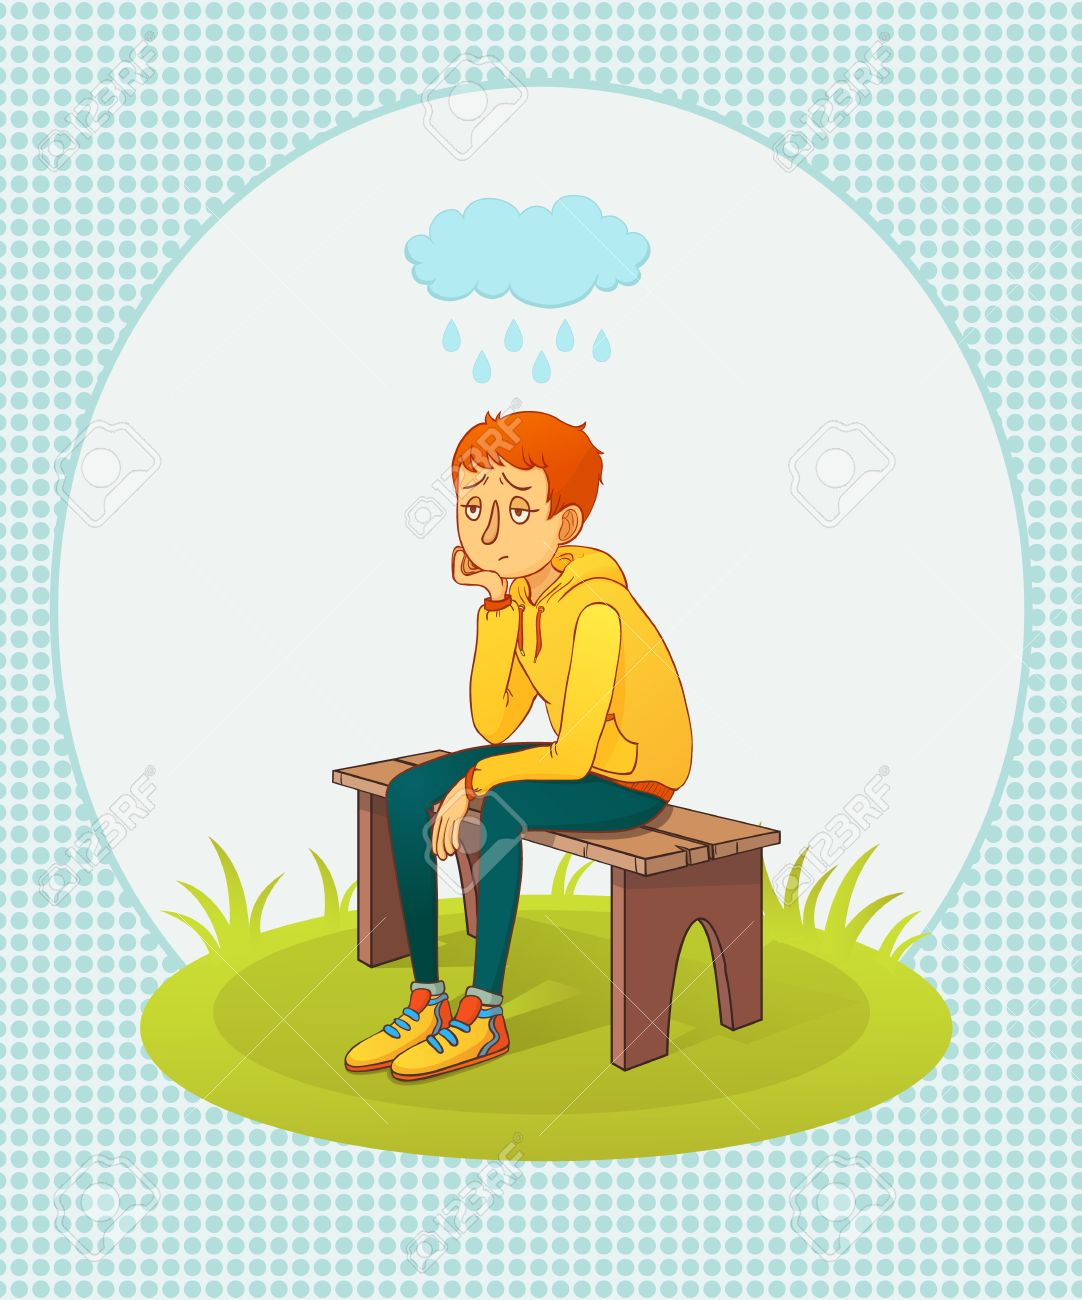 Il nous arrive tous de ne plus avoir le goût de prier : Voici mon partage... 43530044-illustration-vectorielle-homme-triste-assis-sur-un-banc-sous-la-pluie-Banque-d%27images